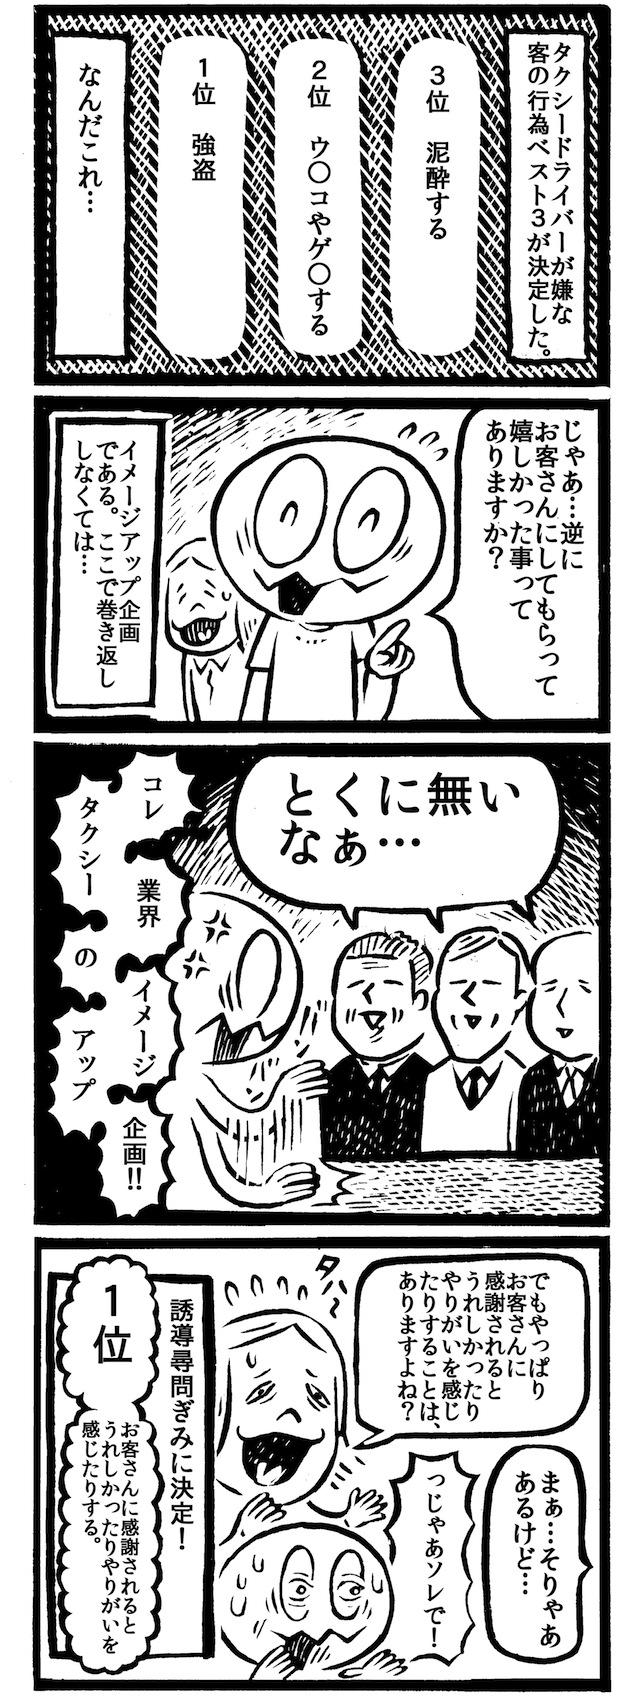 f:id:kakijiro:20151208235606j:plain